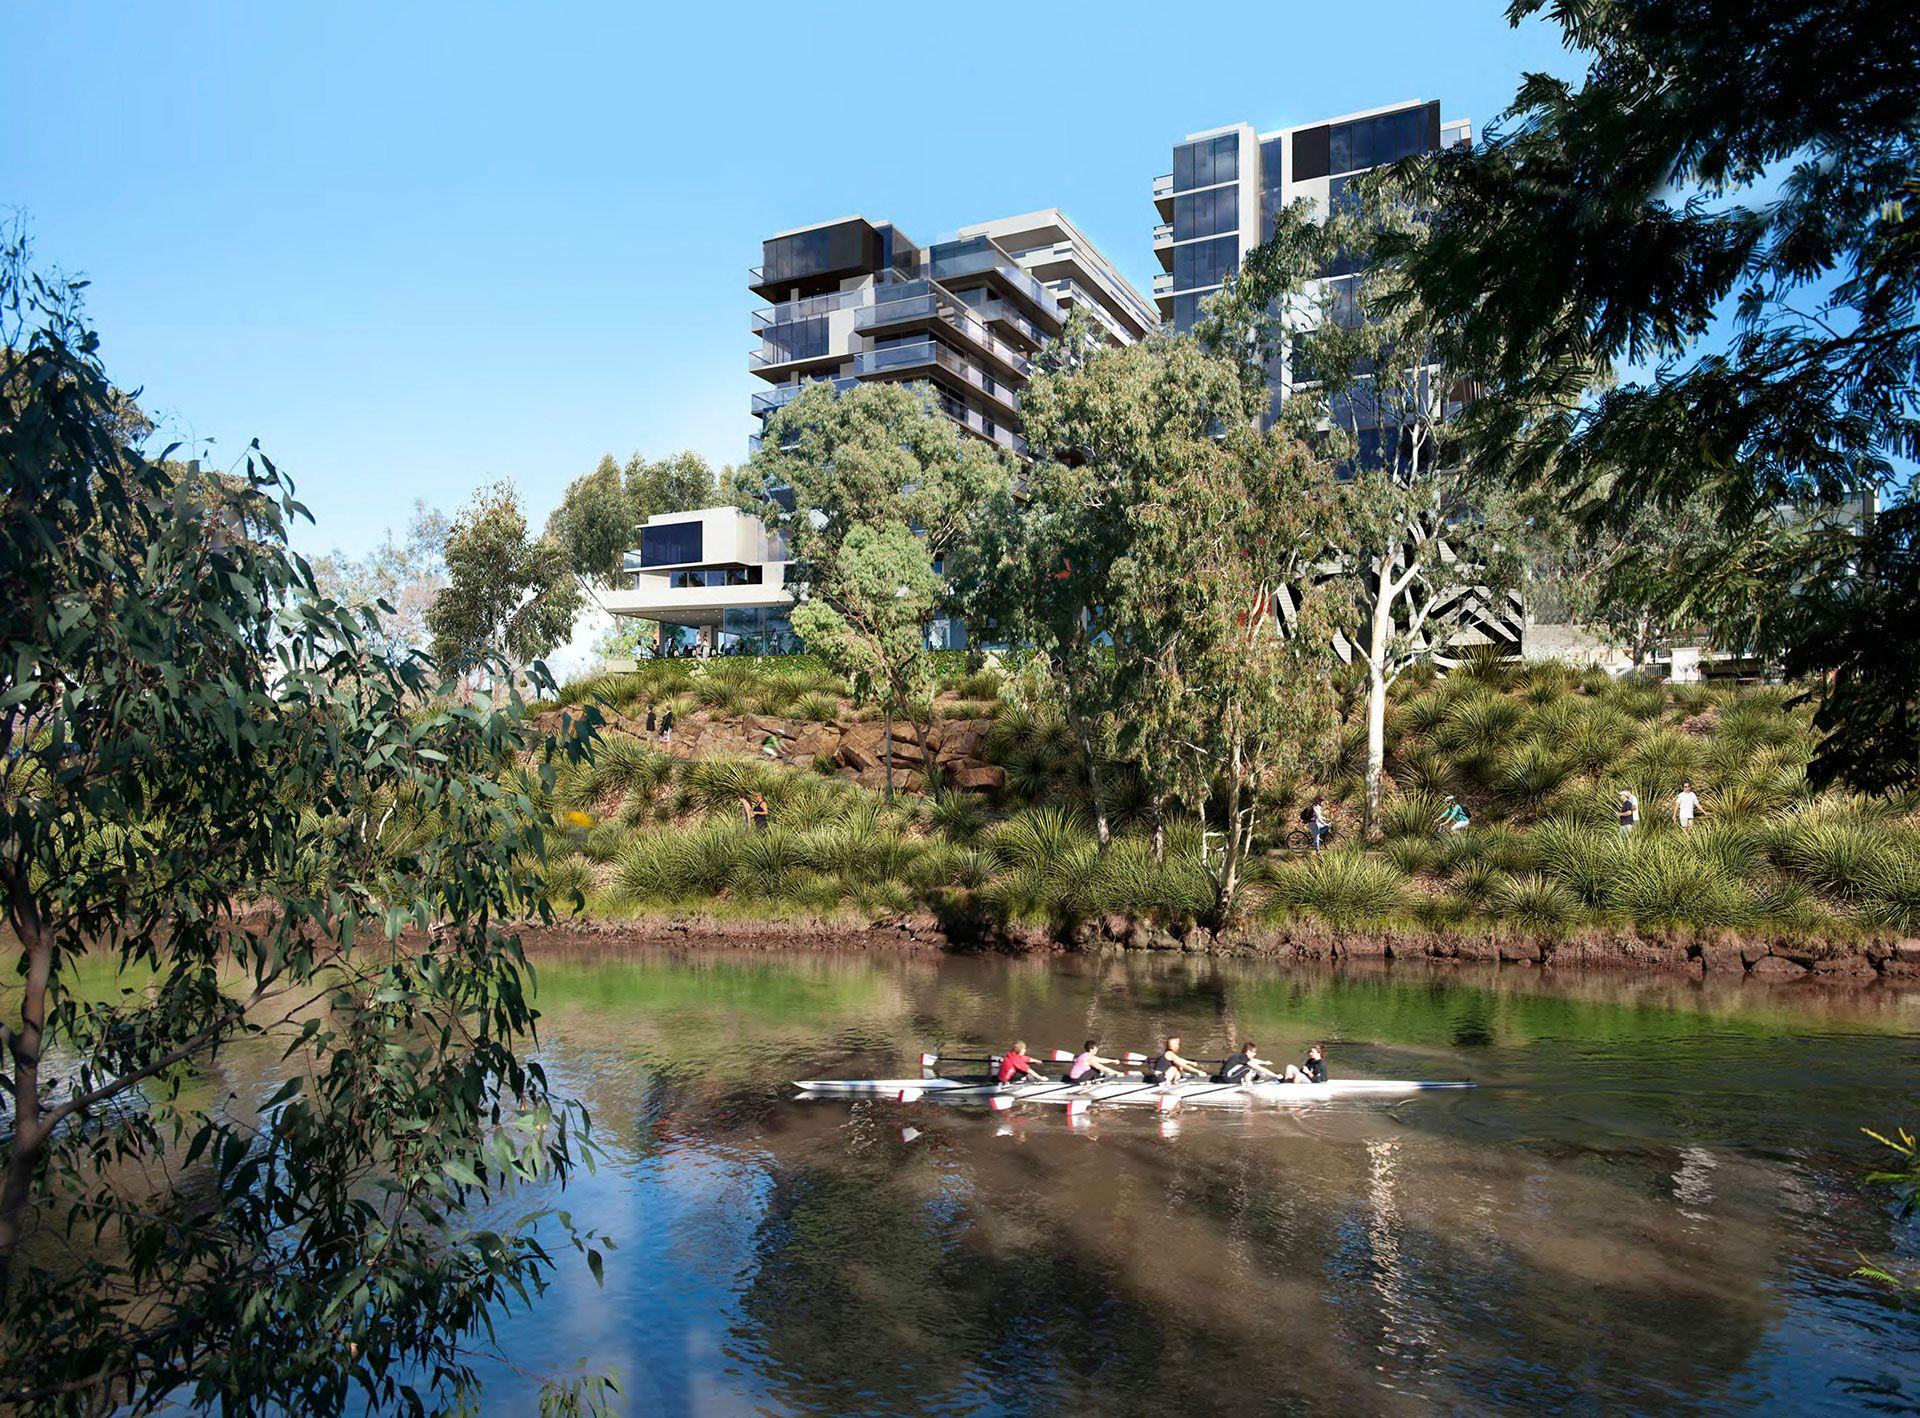 Bdlc flockhart 02 river render wr